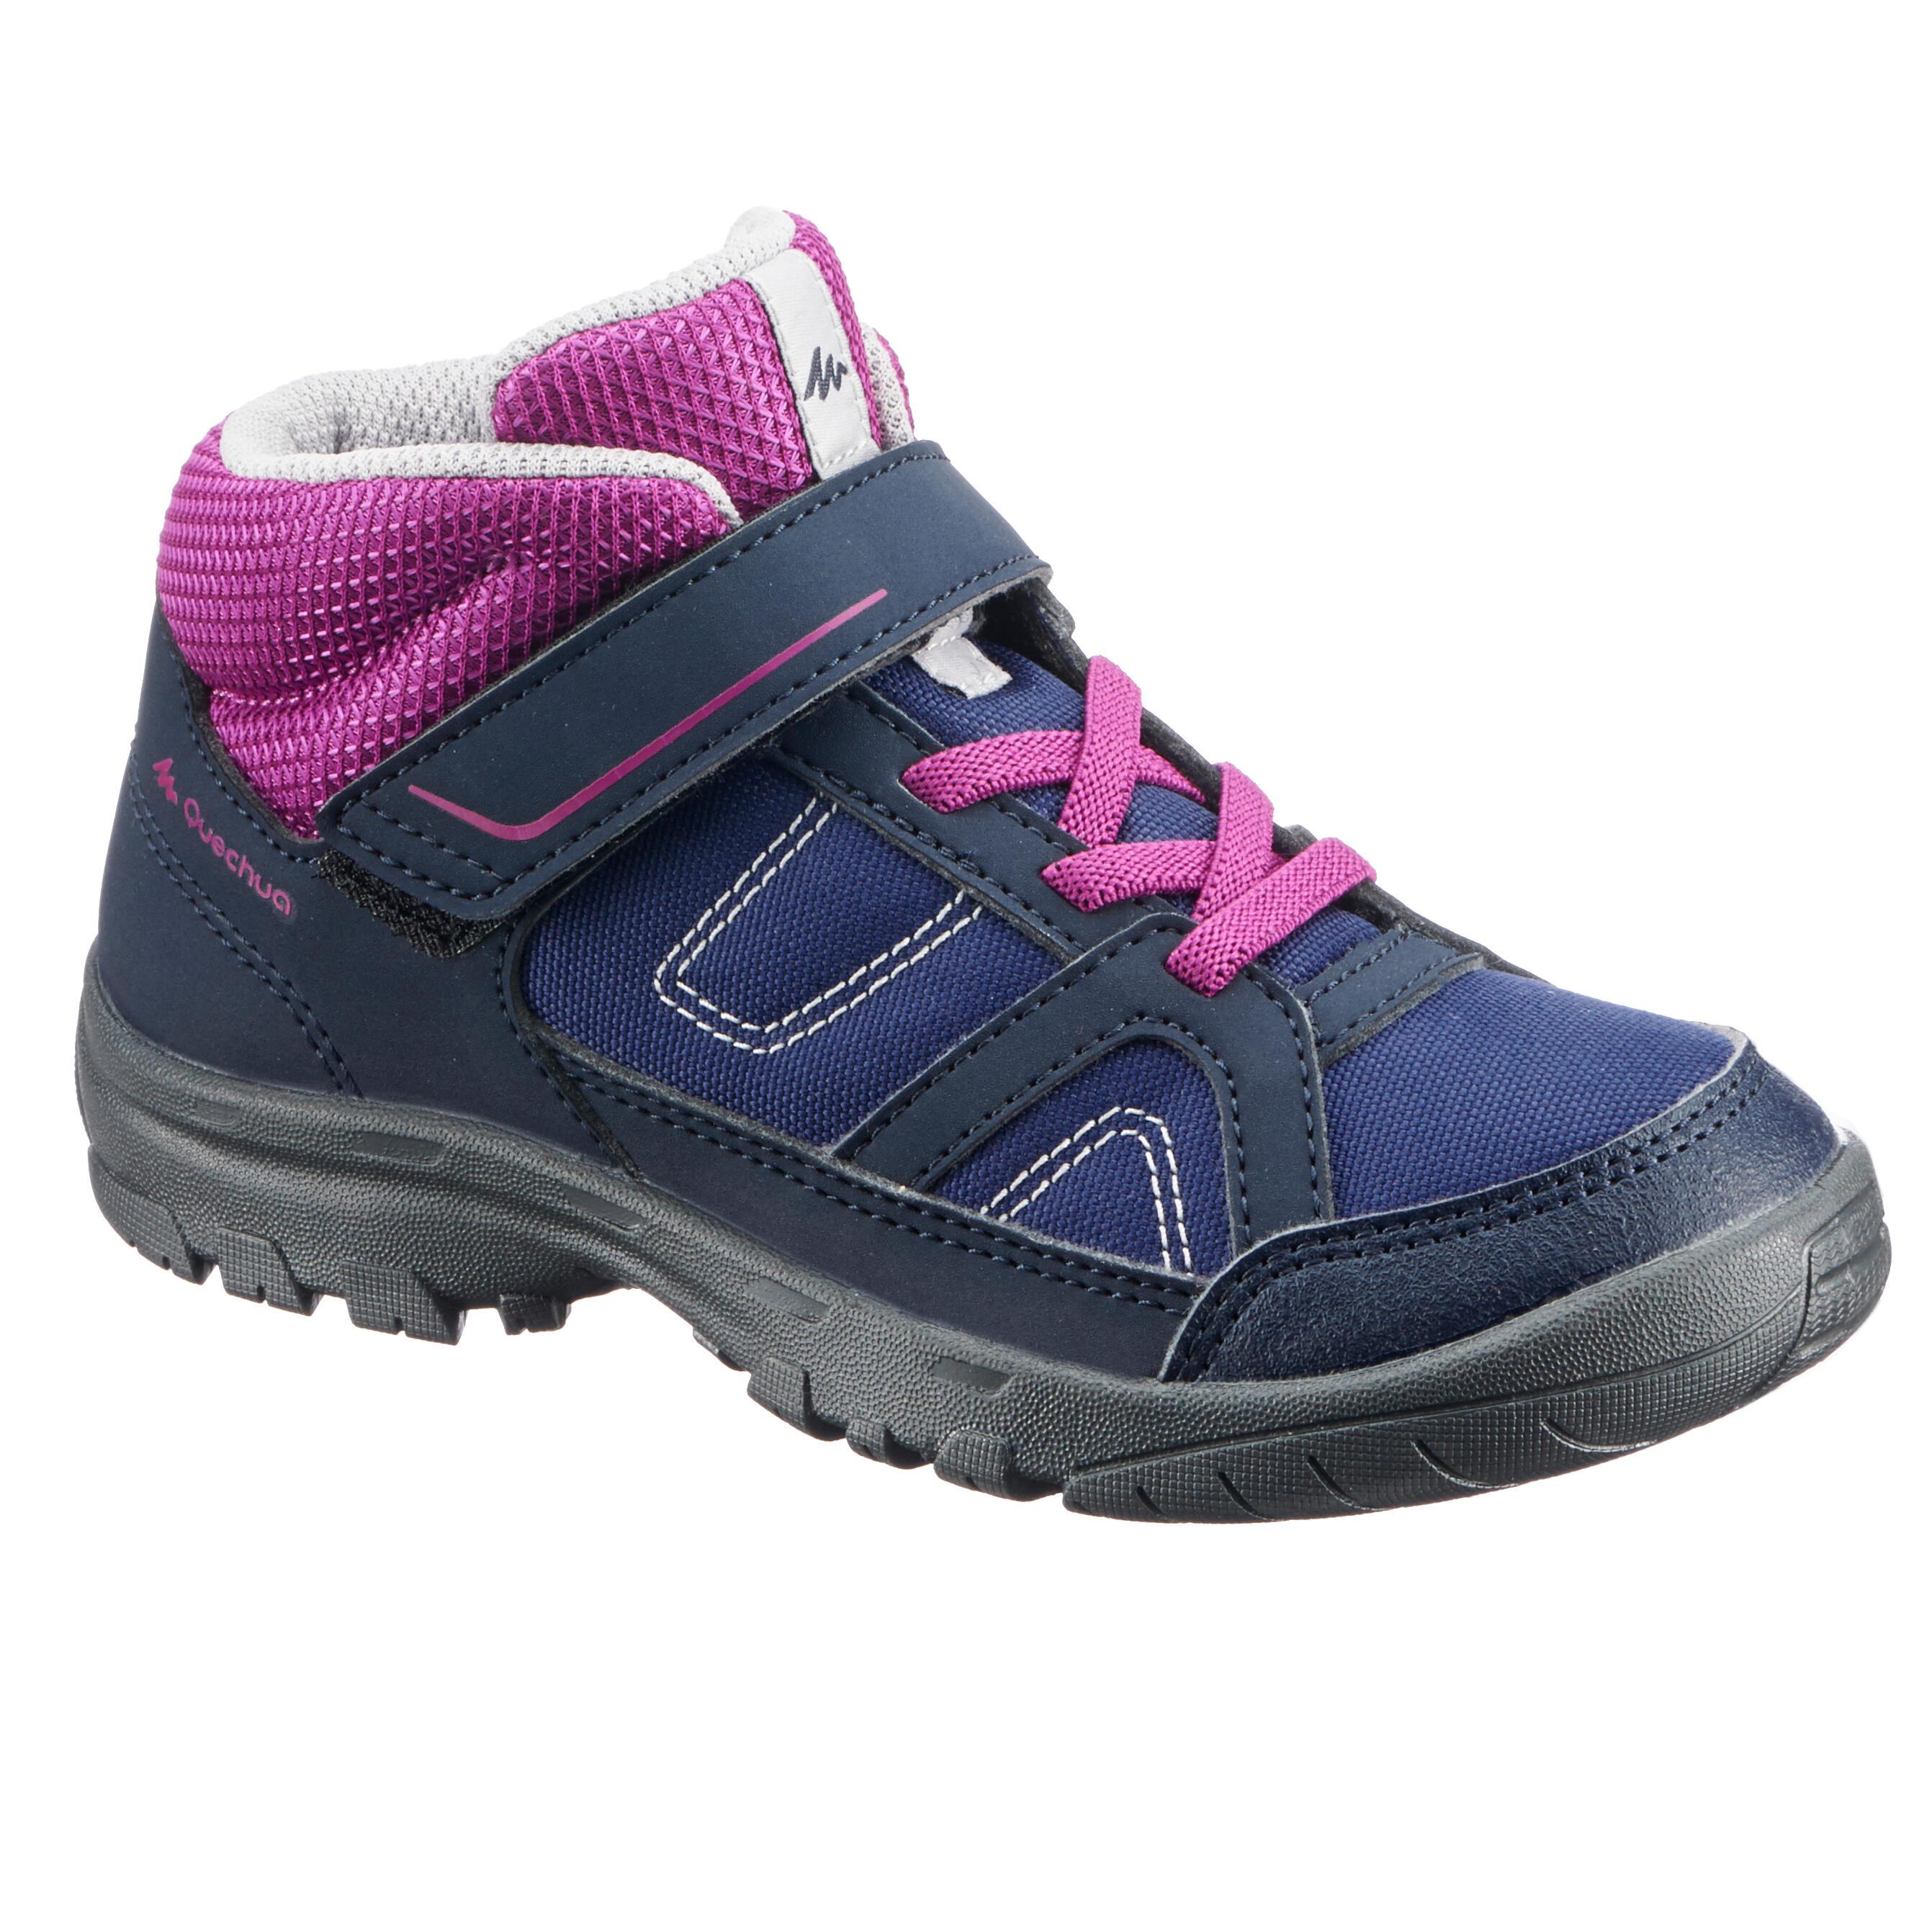 Quechua Hoge wandelschoenen voor kinderen MH100 mid blauw/paars 24 tot 34